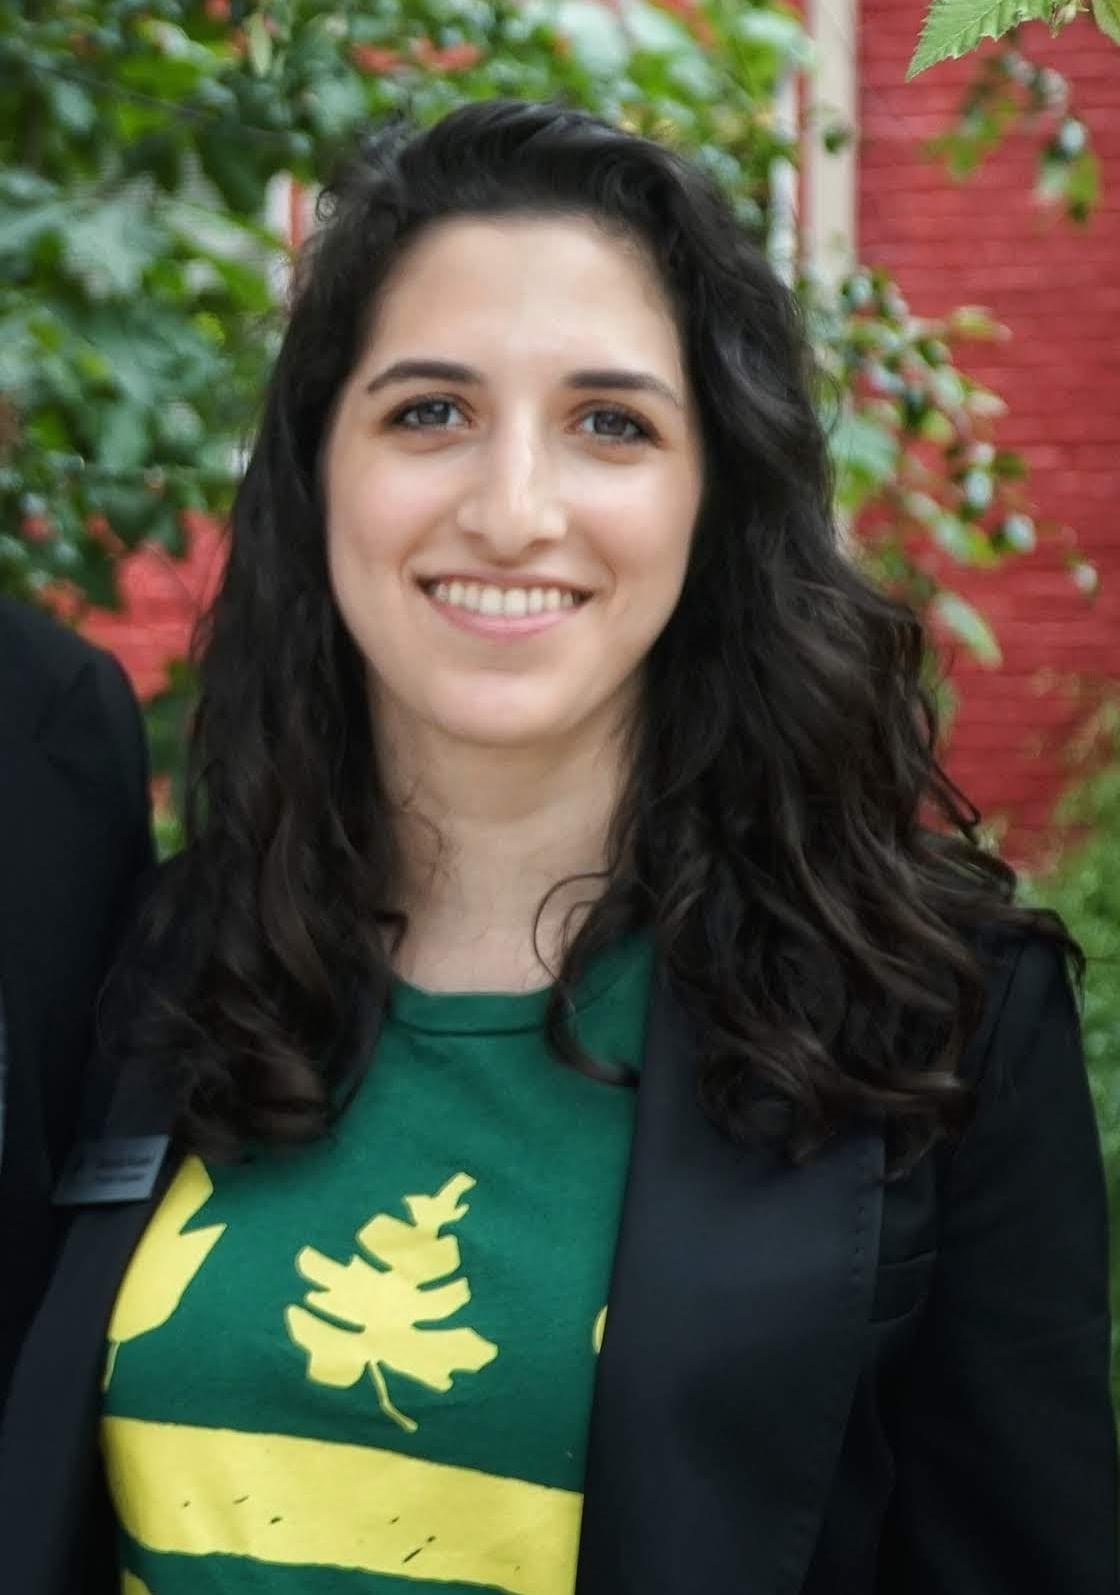 Shayda Musavi